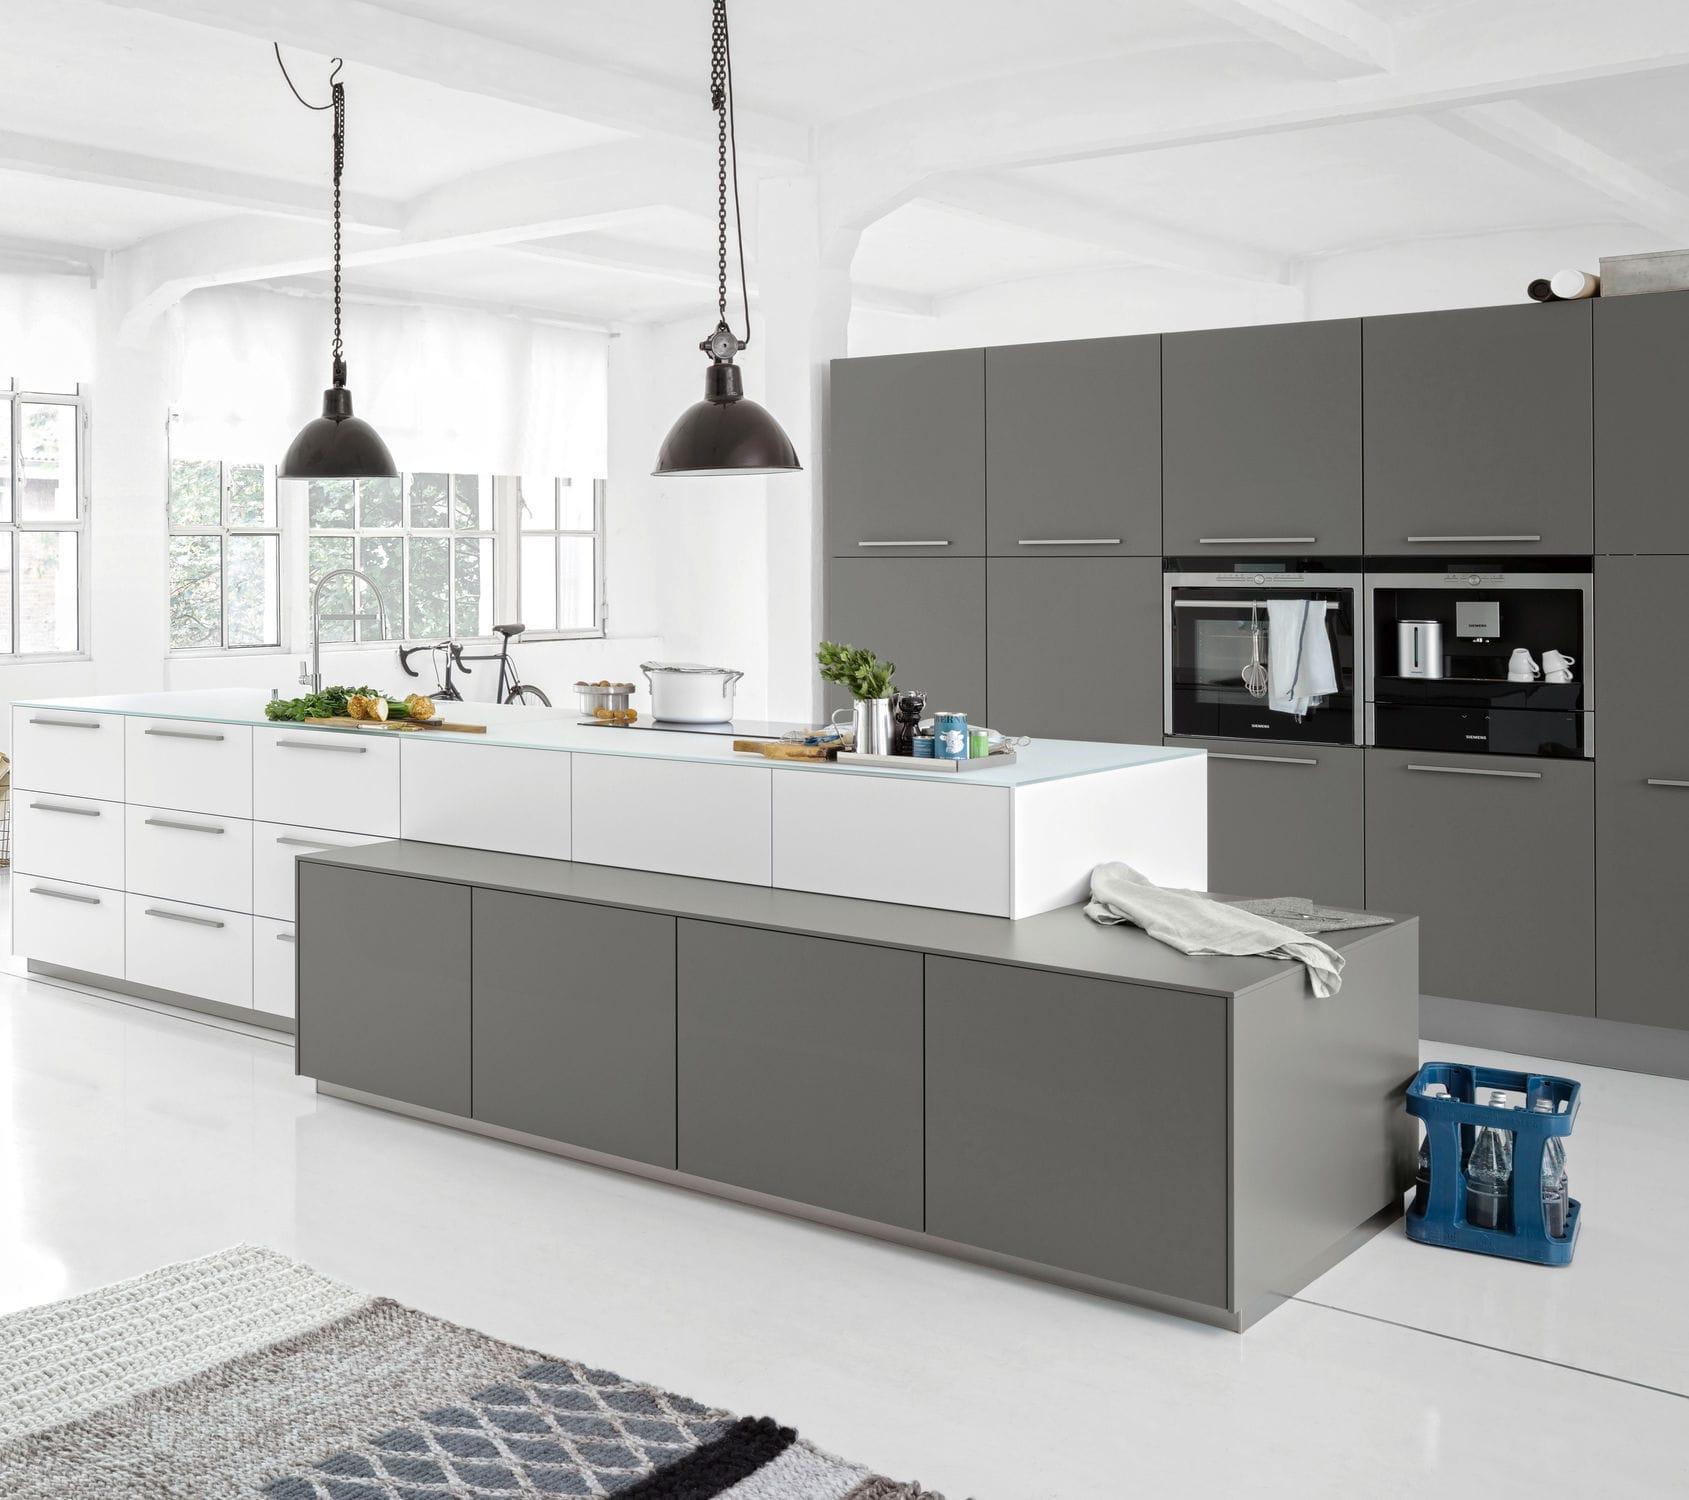 Moderne Küche / Lackiertes Holz / Glas / Kochinsel   SOFT LACK ARCTIC/QUARZ